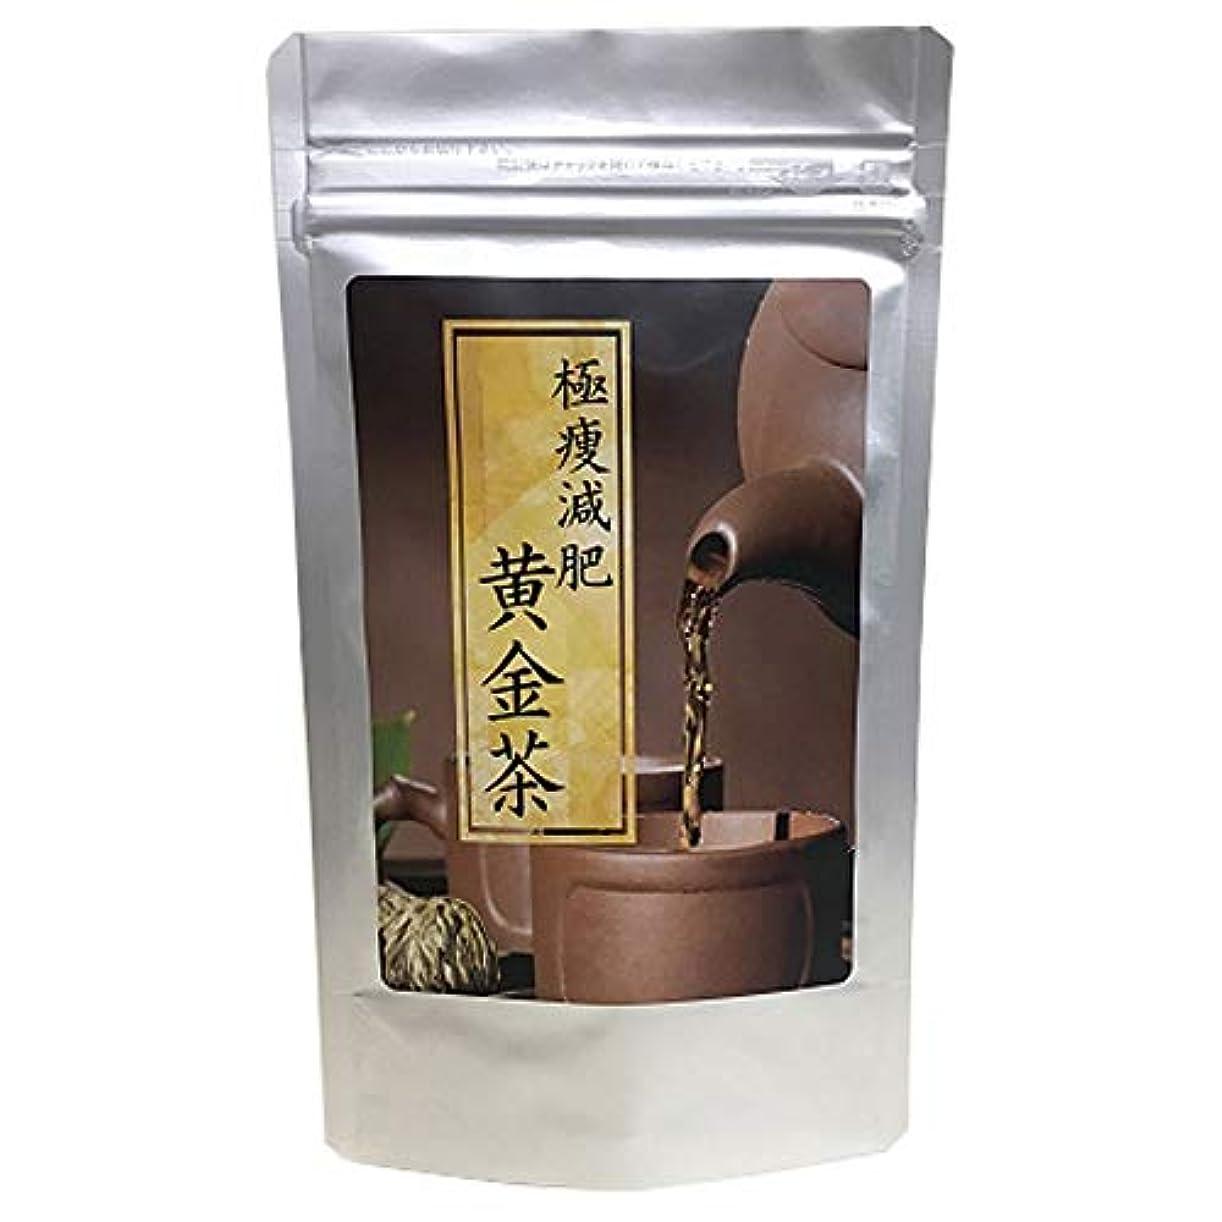 クリープ展開するハイブリッド極痩減肥黄金茶